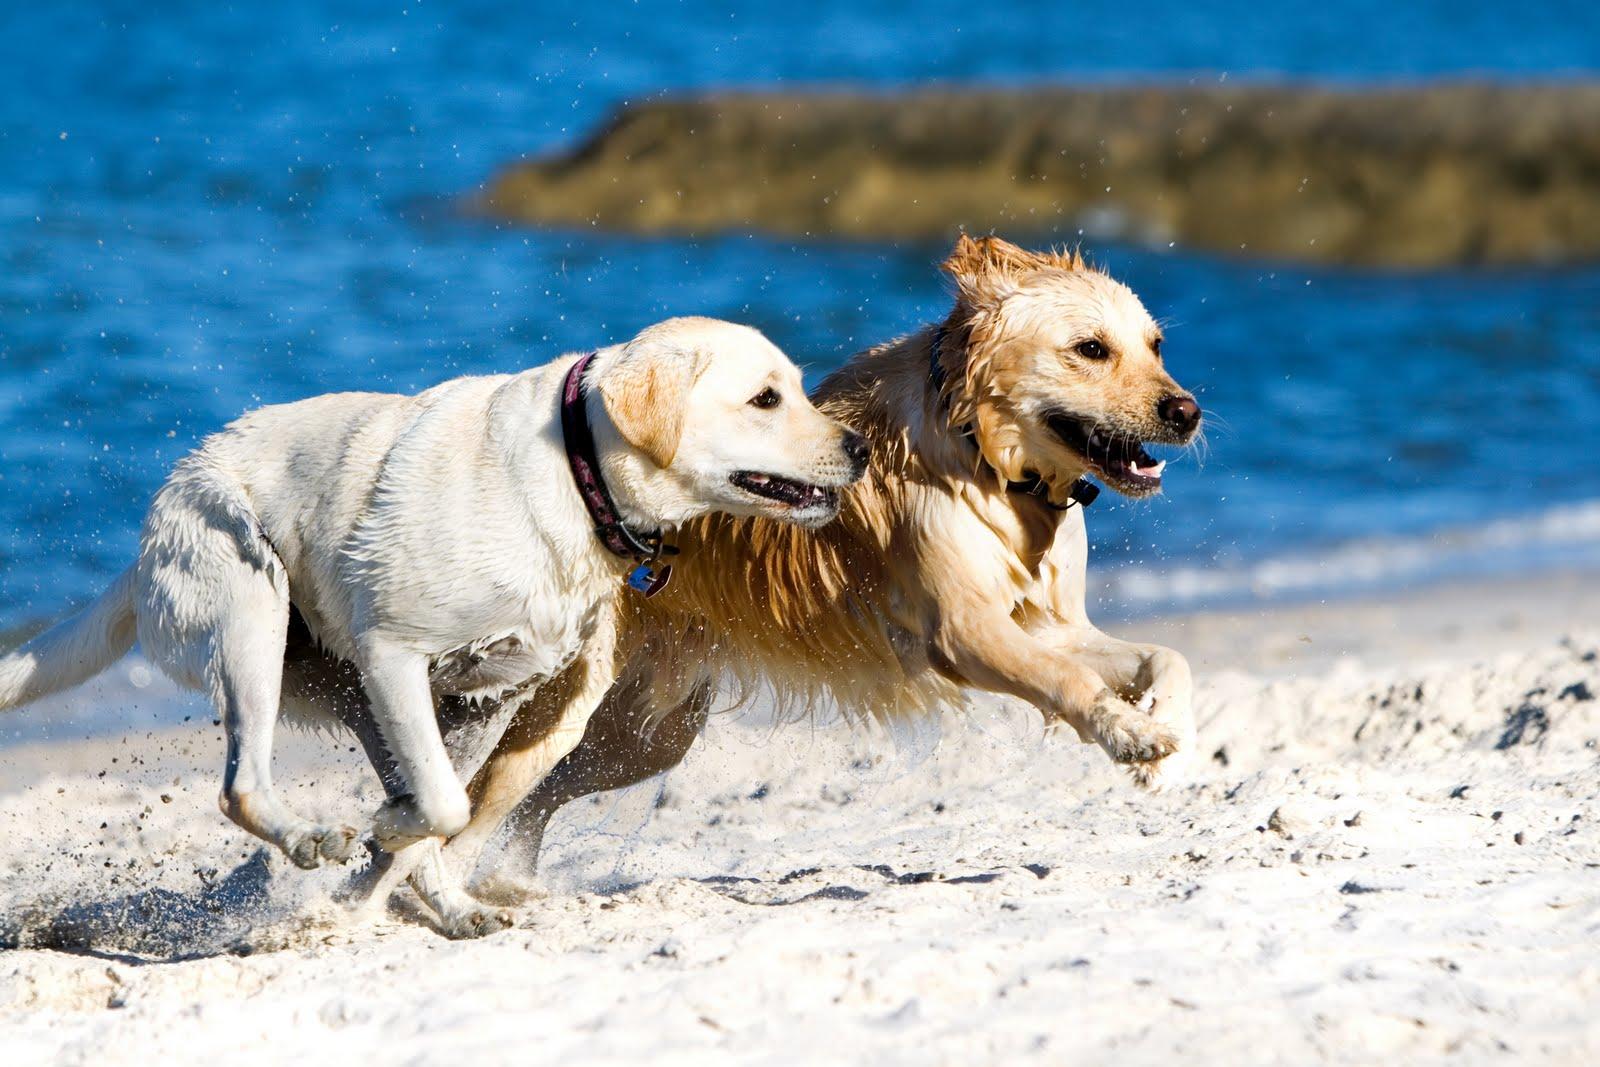 http://2.bp.blogspot.com/-EG443jlrma4/TdDDAcfCGXI/AAAAAAAAAWQ/1Juw10d8zt0/s1600/Cute+Dogs+Pictures+Wallpapers+%252857%2529.jpg